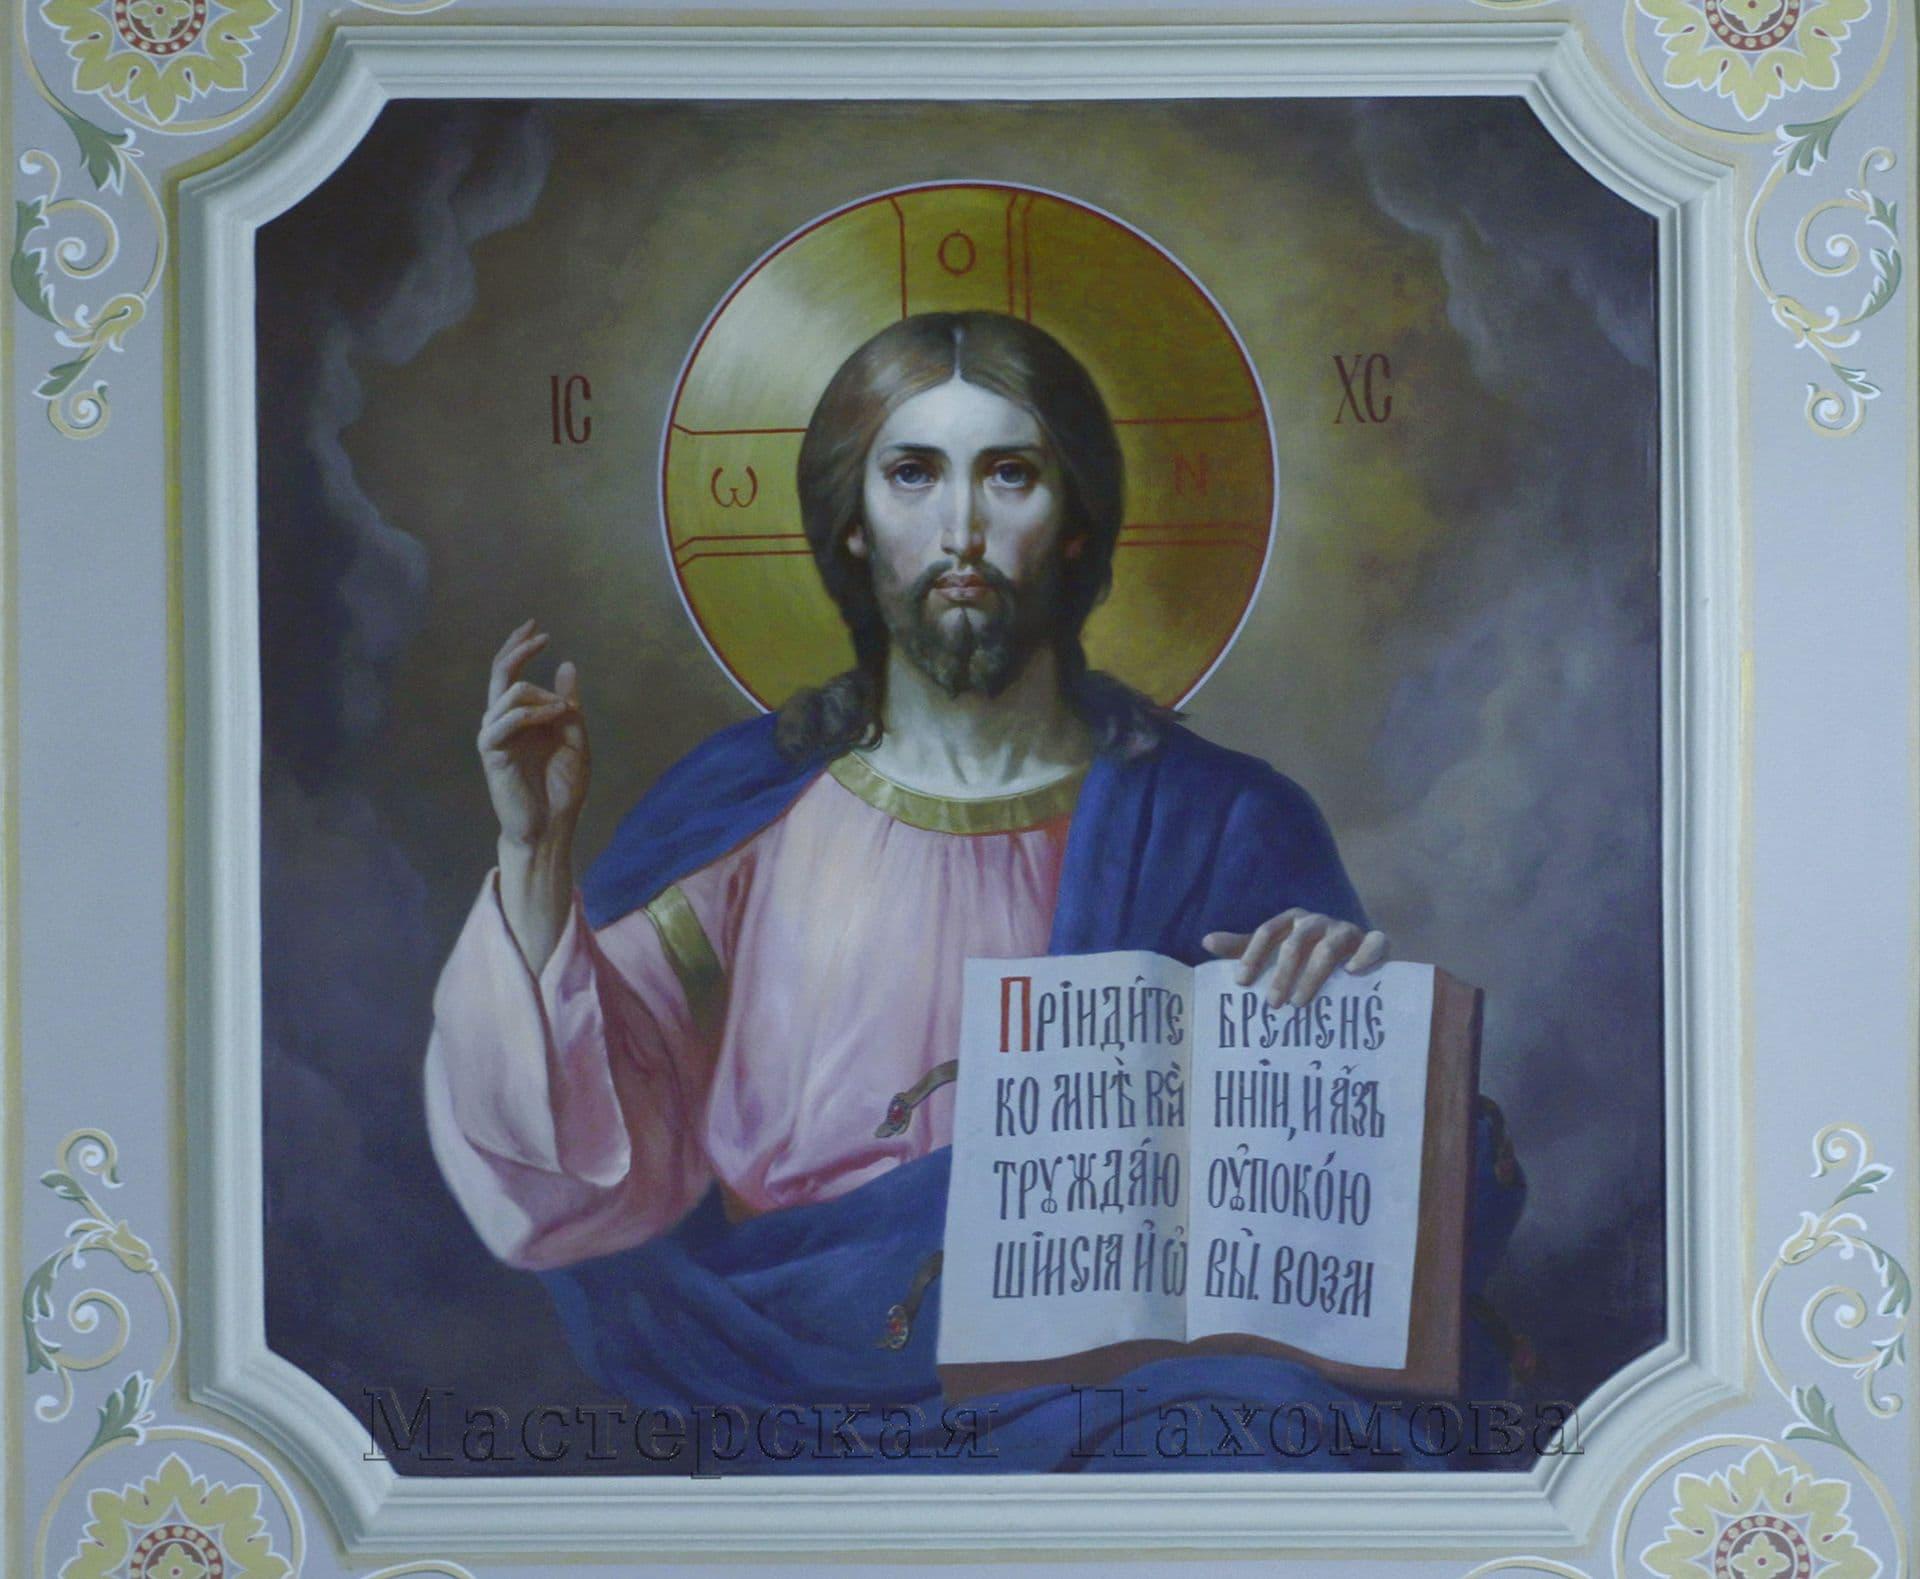 Спас Благословляющий - икона на стене храма, роспись храма в академическом стиле